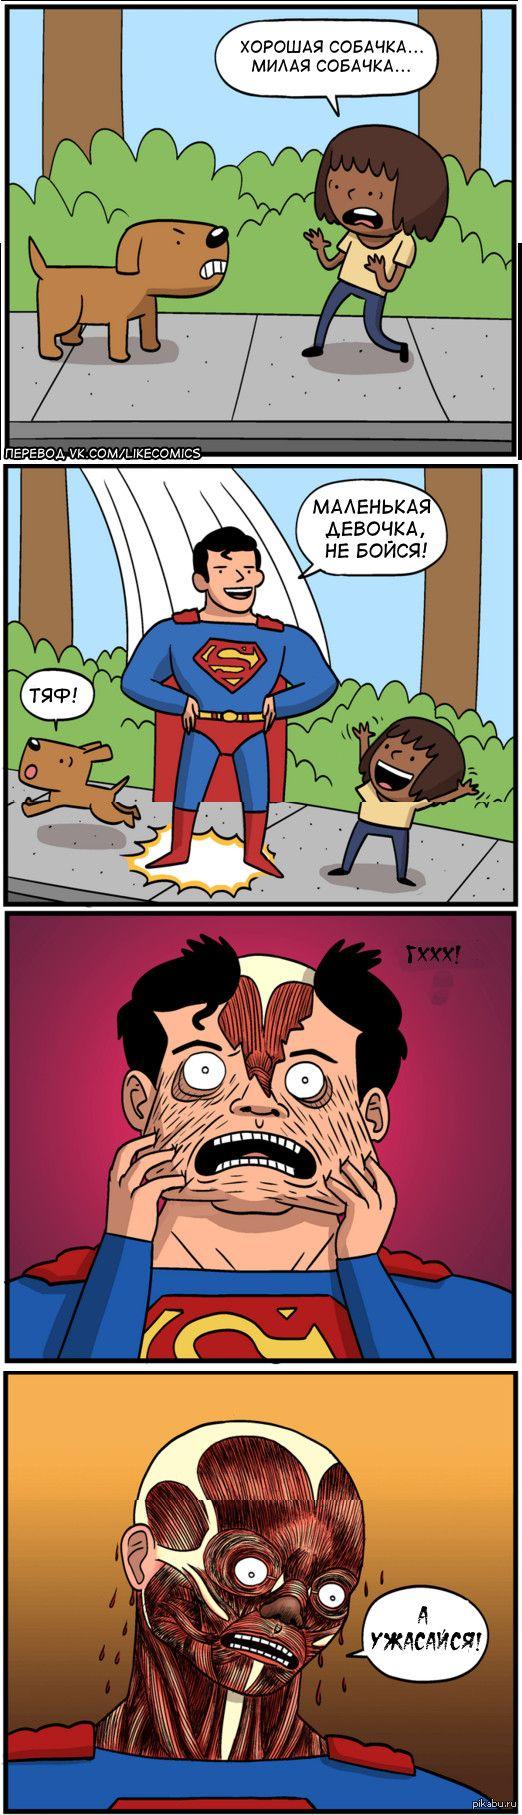 Очередной комикс Jeremykaye - Супермен